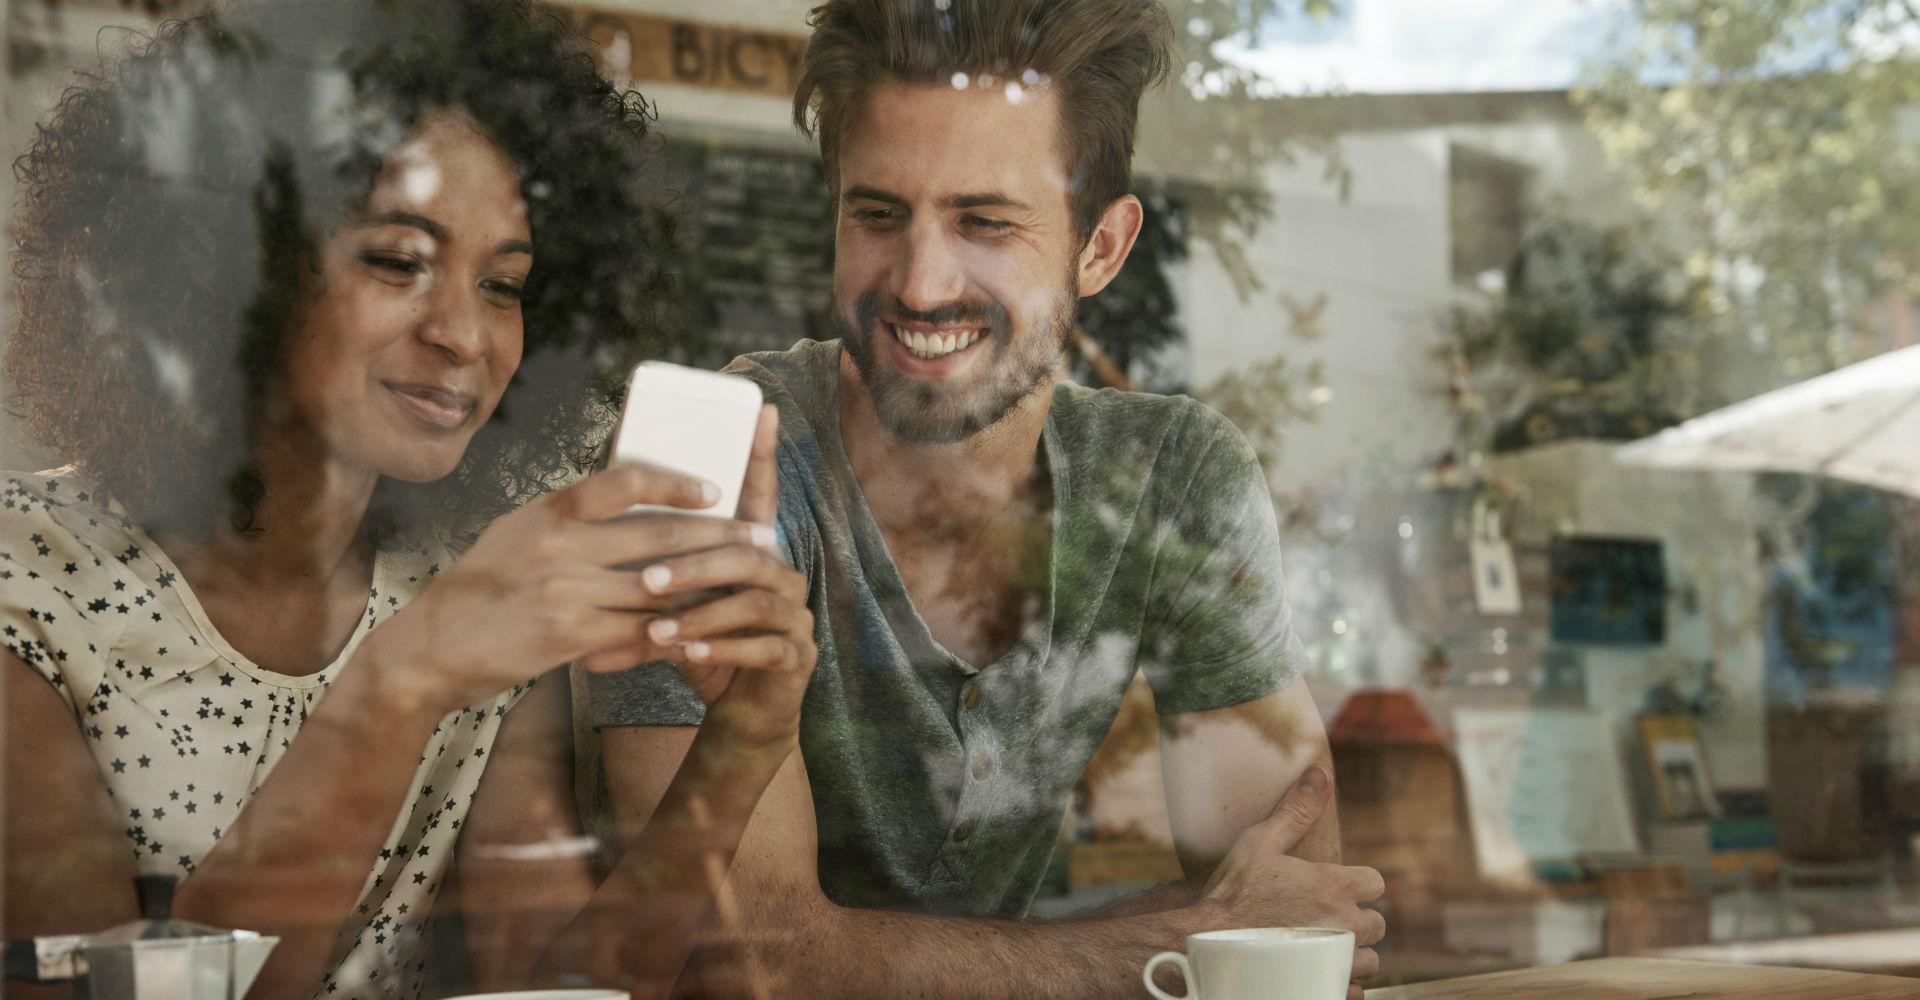 Frau verschickt Nachrichten über ihr Smartphone.